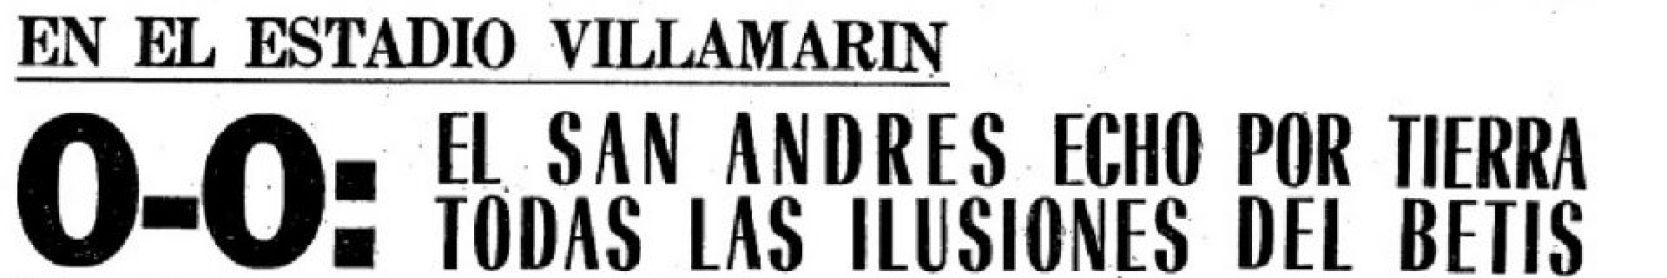 Hoy hace 50 años. Betis 0 San Andrés 0.